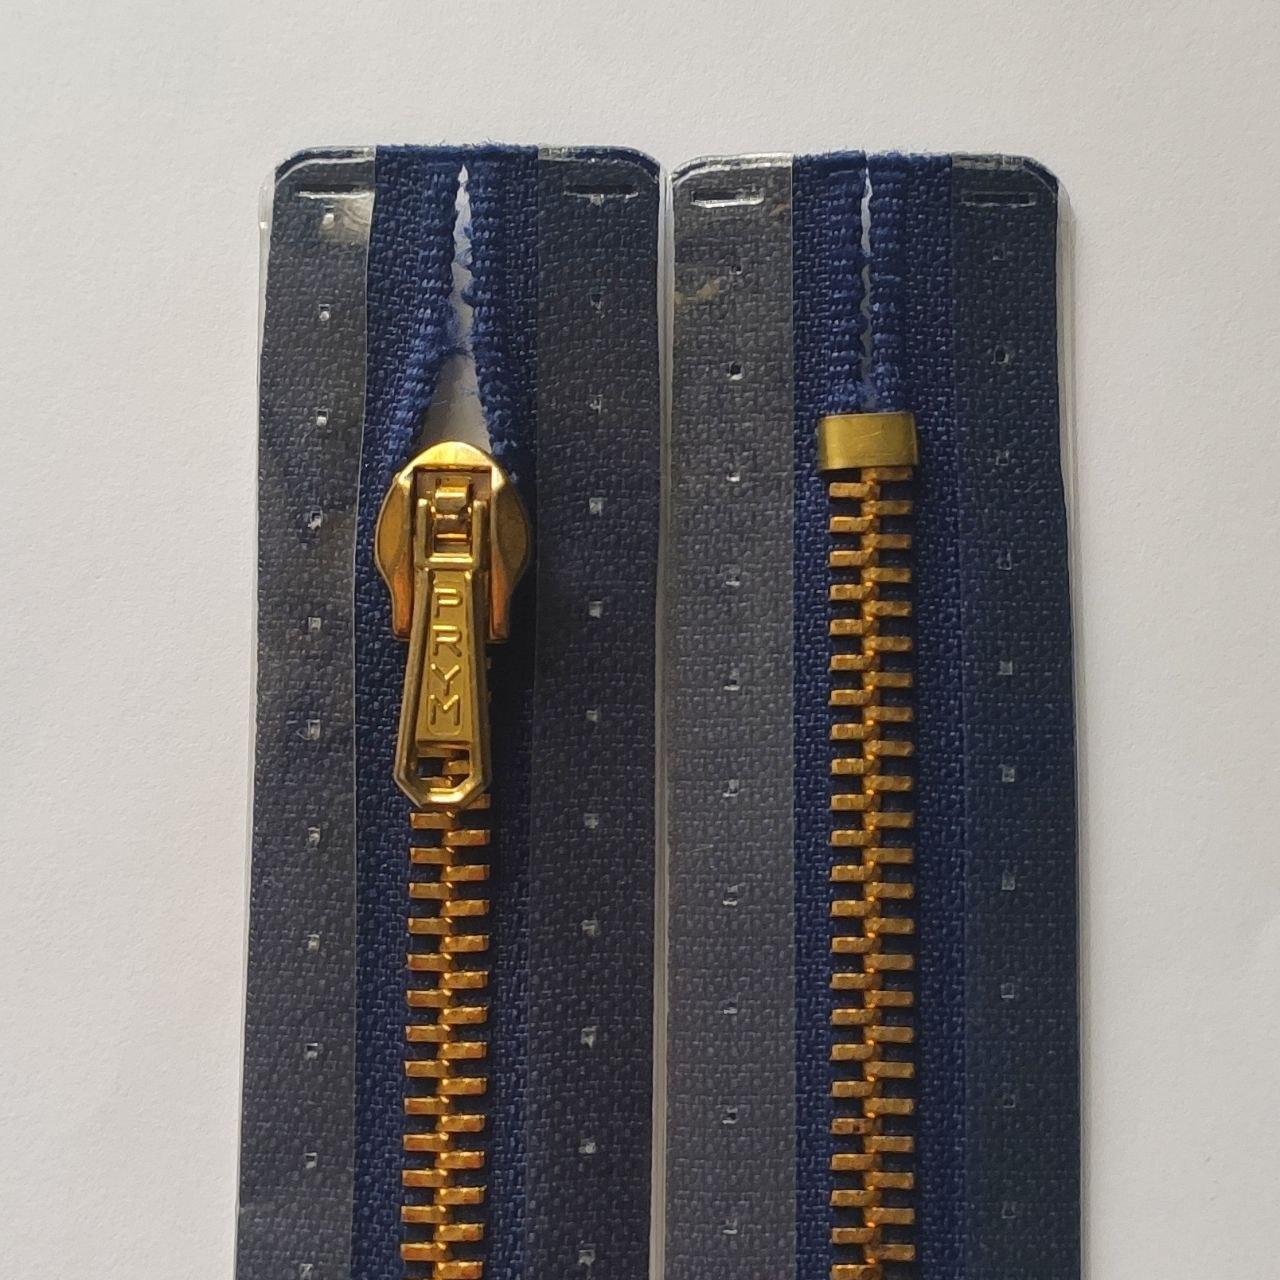 Металеві блискавки М3 PRYM 16, 18, 20 см нероз'ємні з механічним фіксатором, синій і блакитний